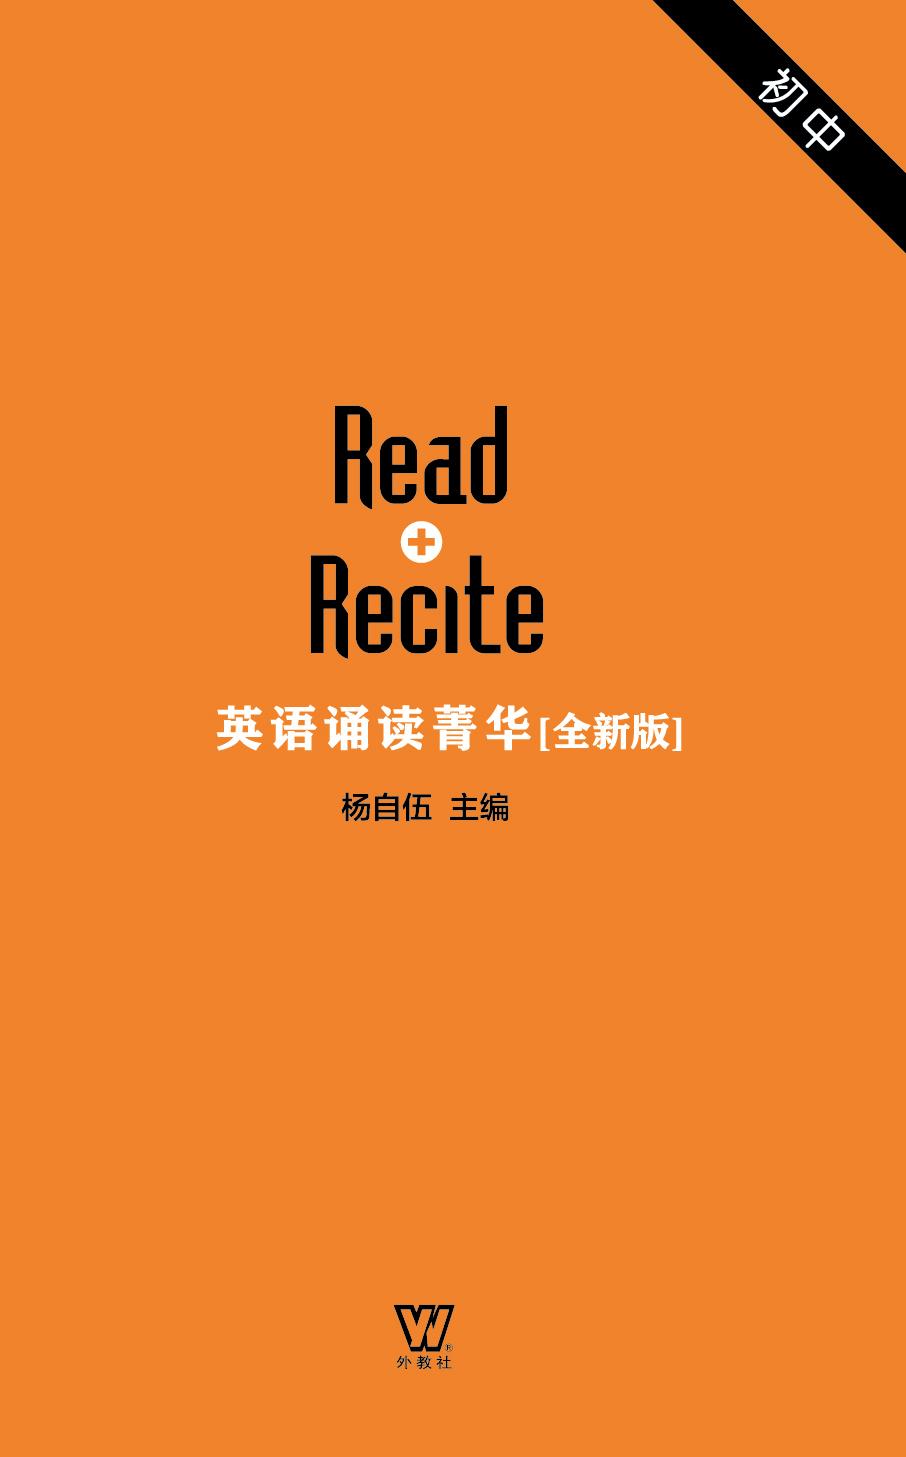 英语诵读菁华 初中卷(音频二维码扫描)